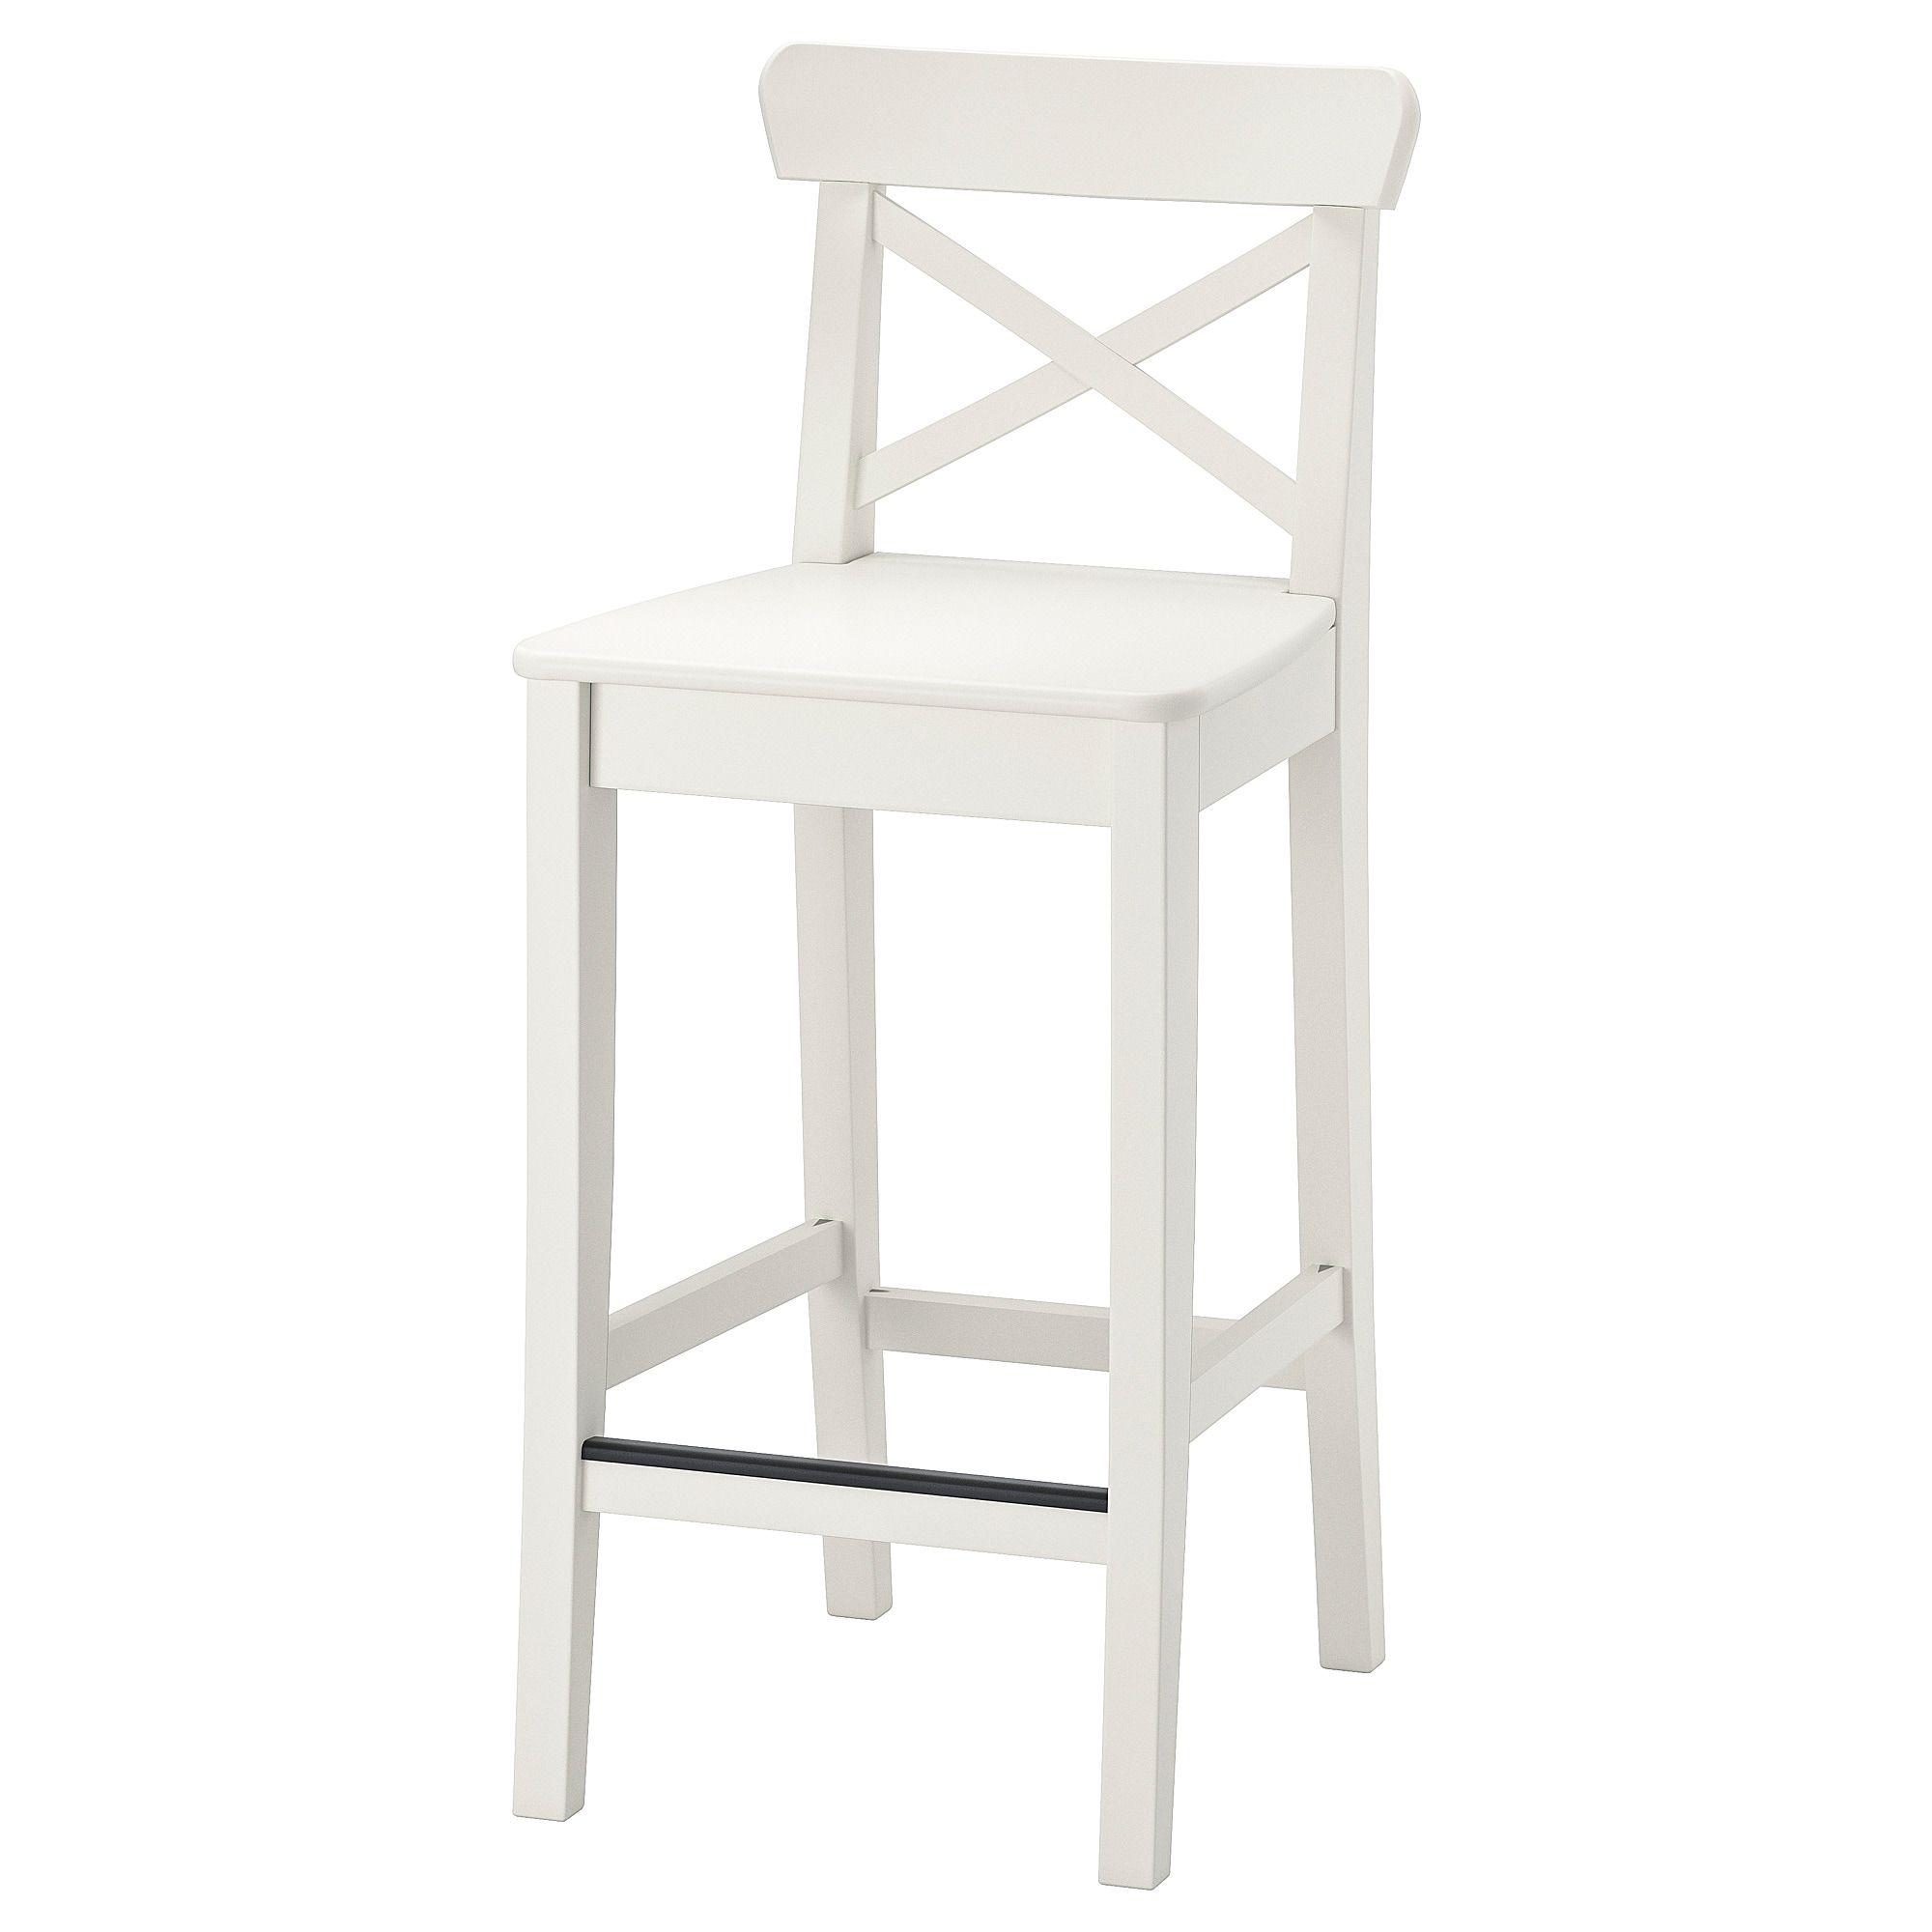 Ikea Ingolf White Bar Stool With Backrest White Bar Stools Ikea Bar Ikea Barstools